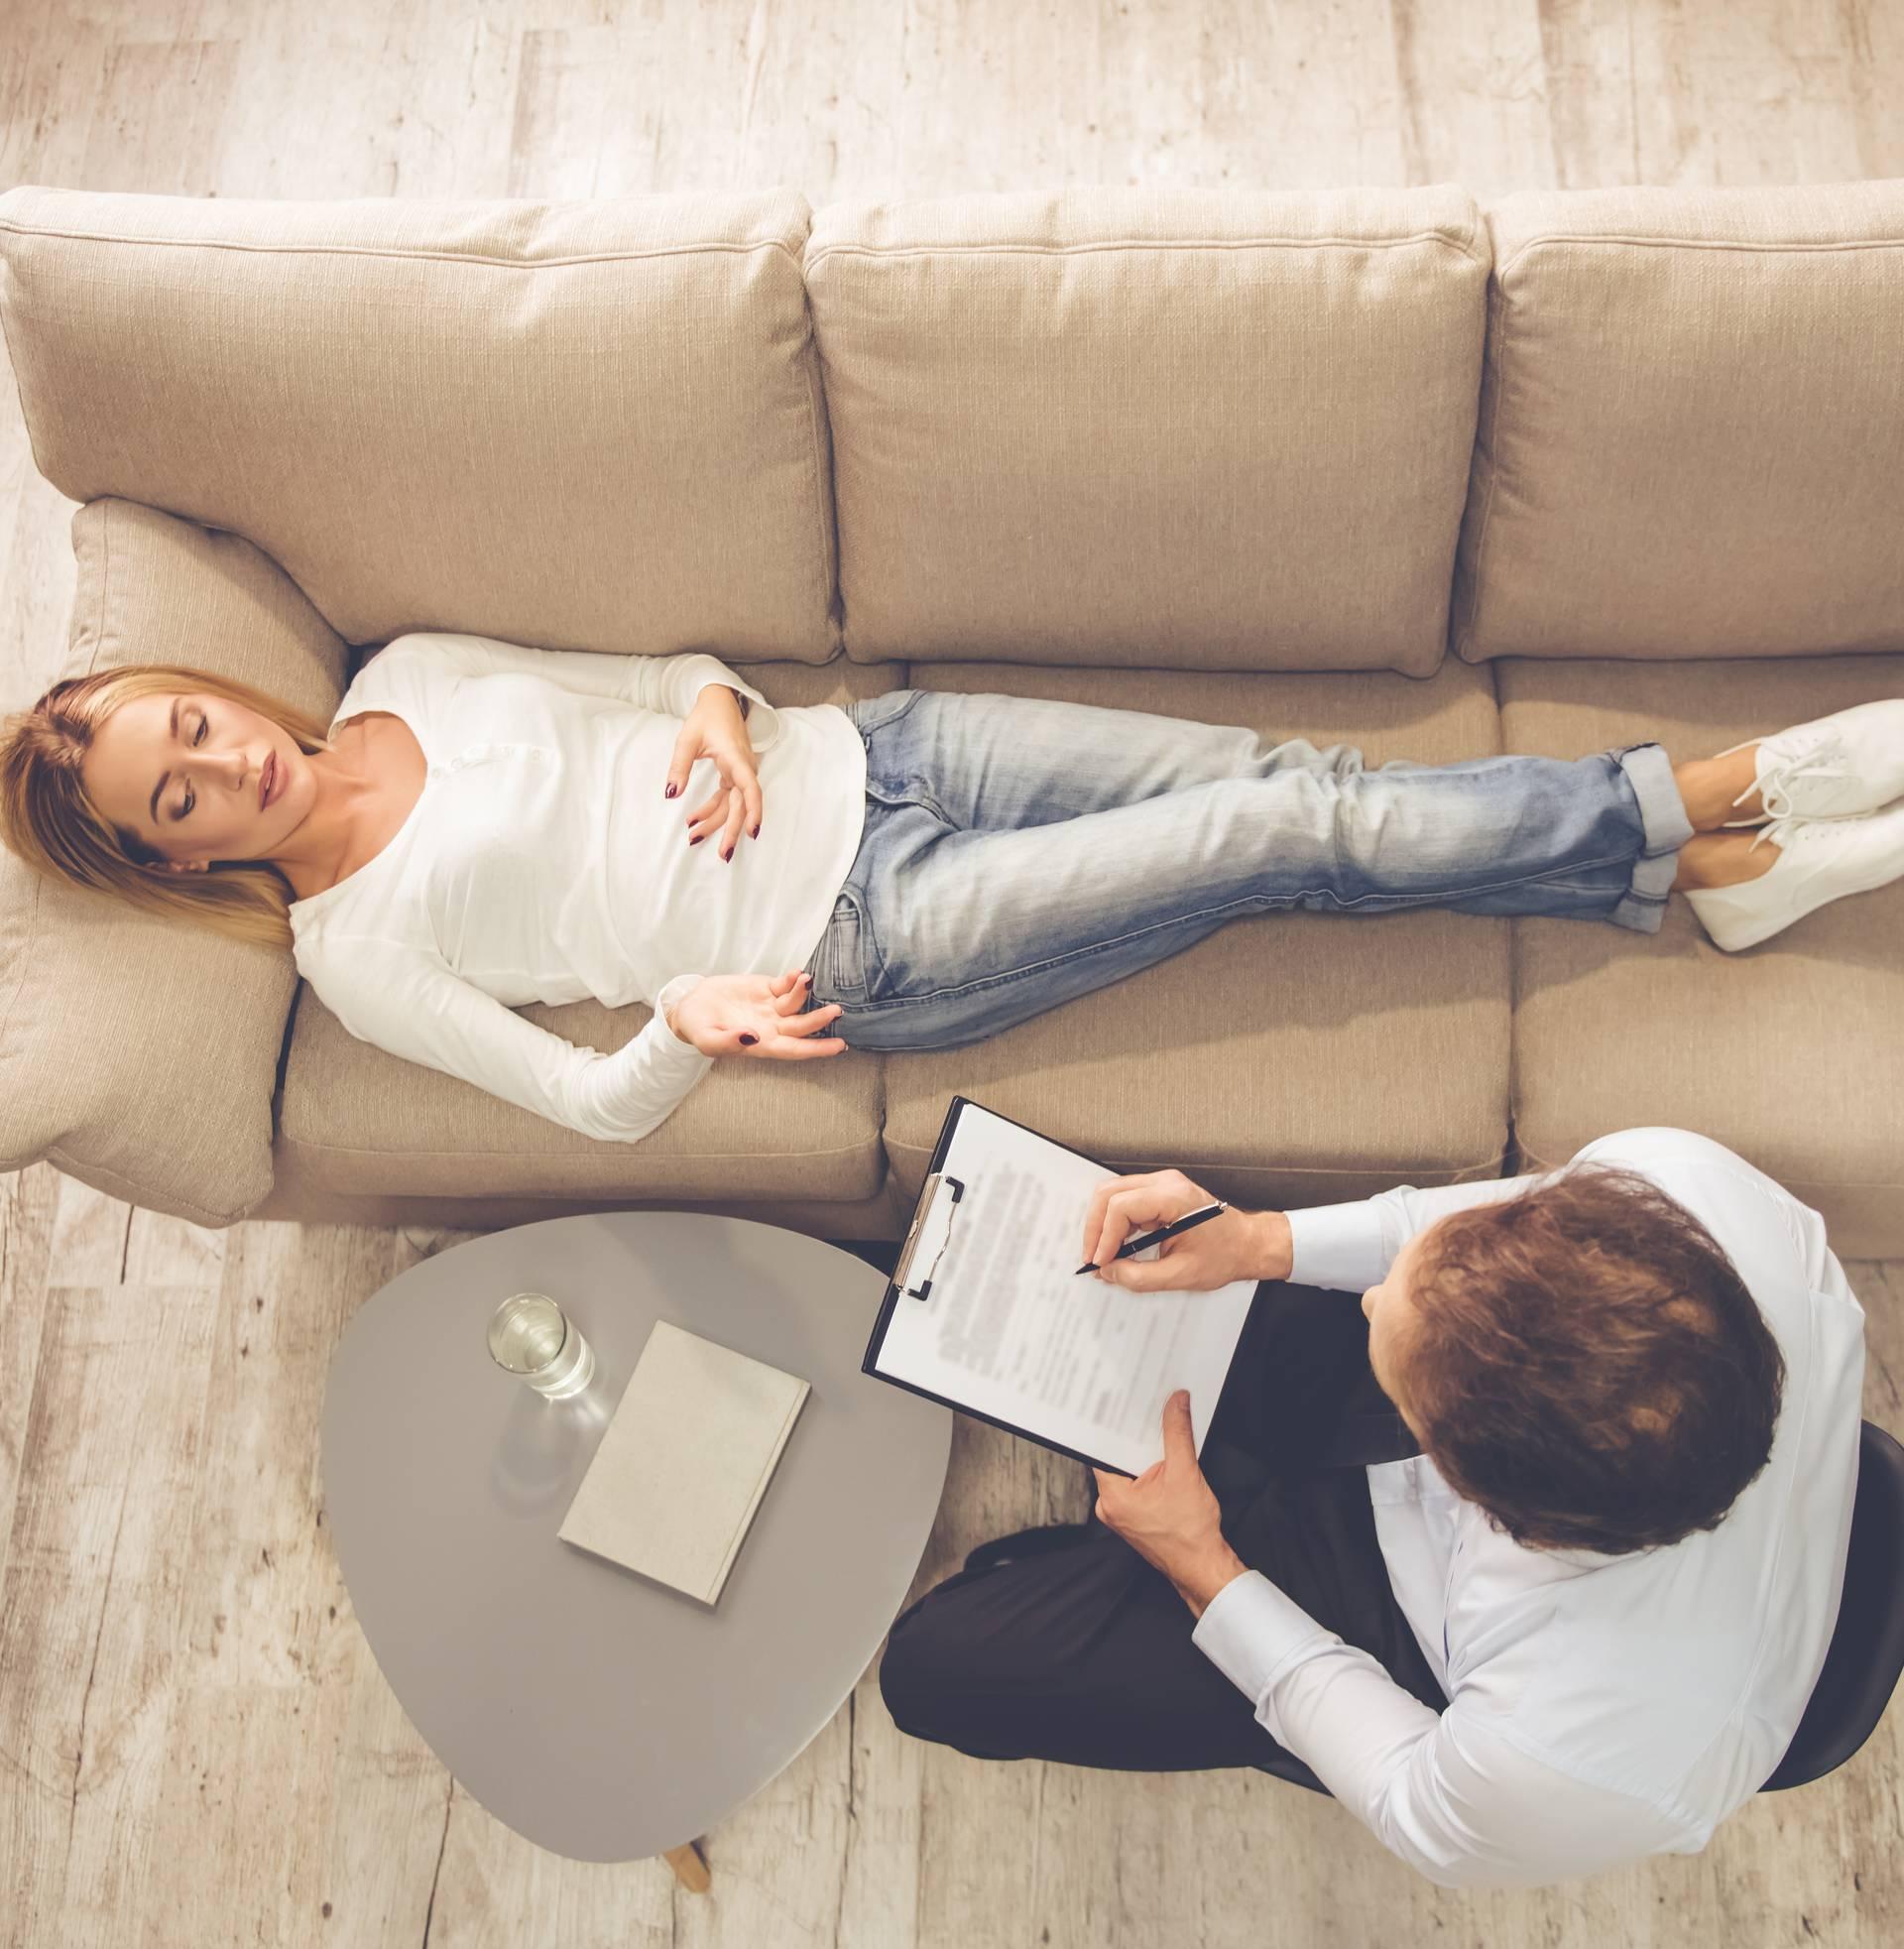 Psiholog: 'Evo što o ovisnosti i traumi većina ljudi ni ne shvaća'